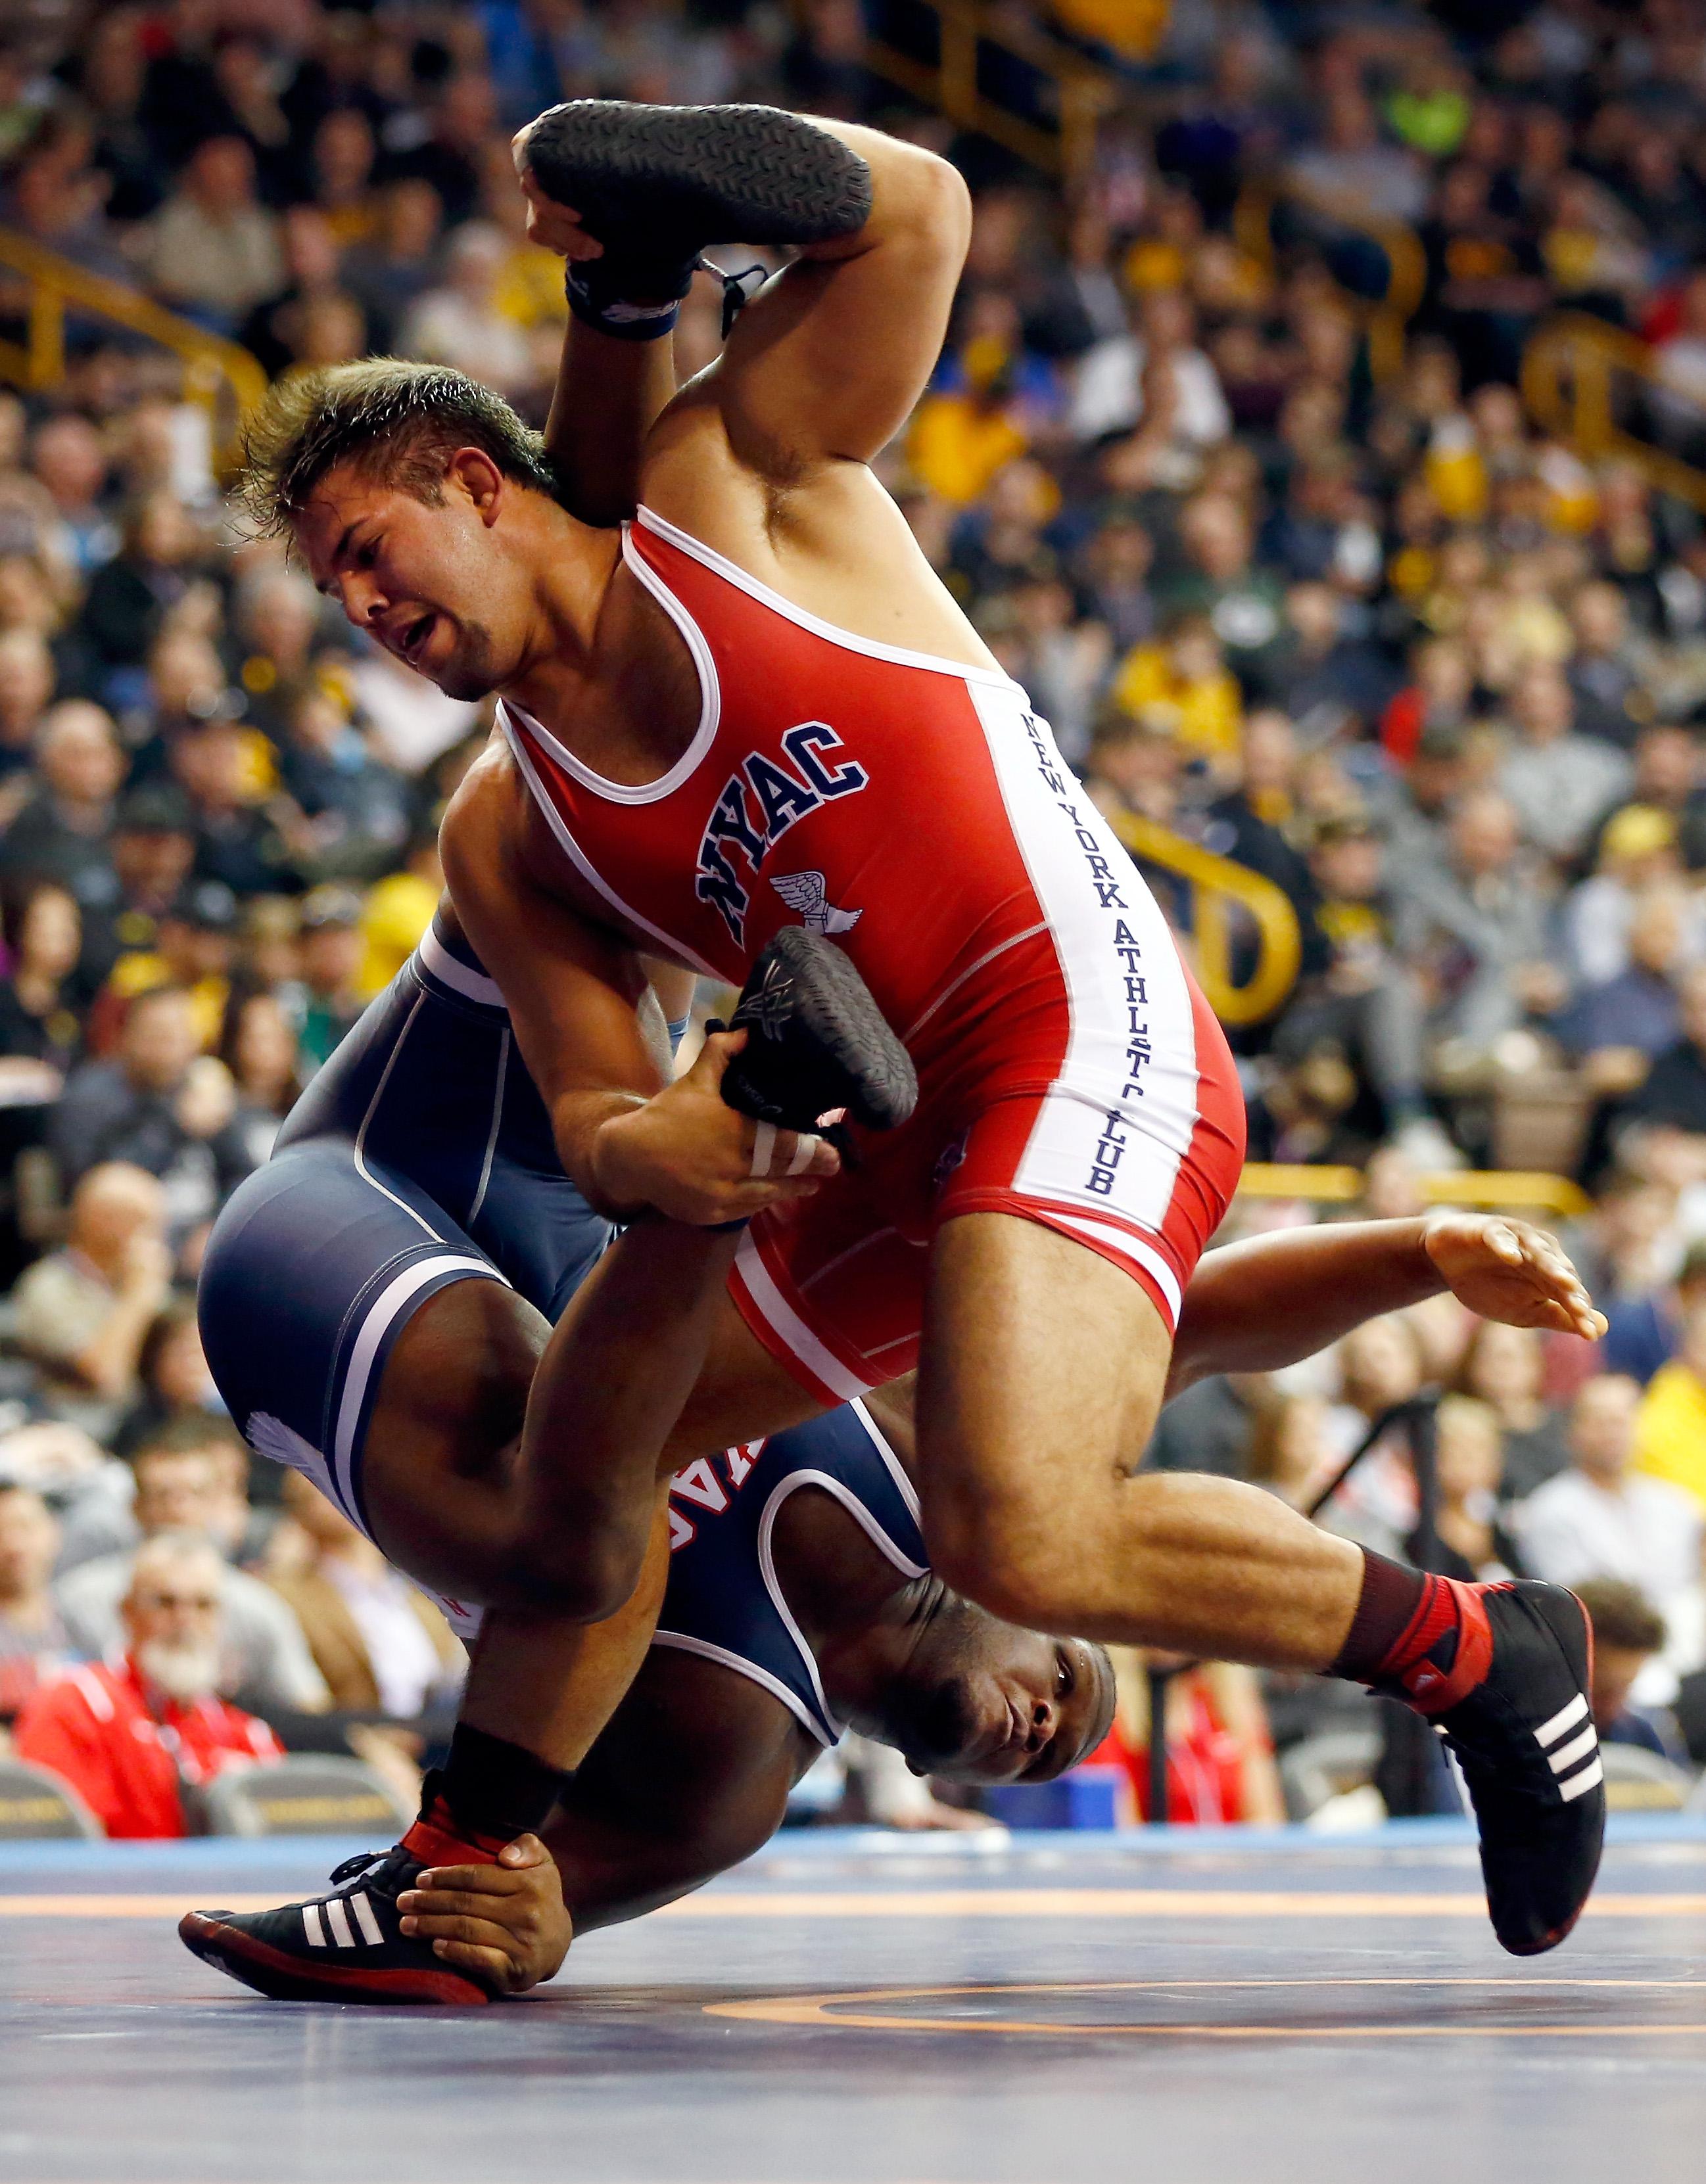 2016 U.S. Olympic Team Wrestling Trials - Day 1